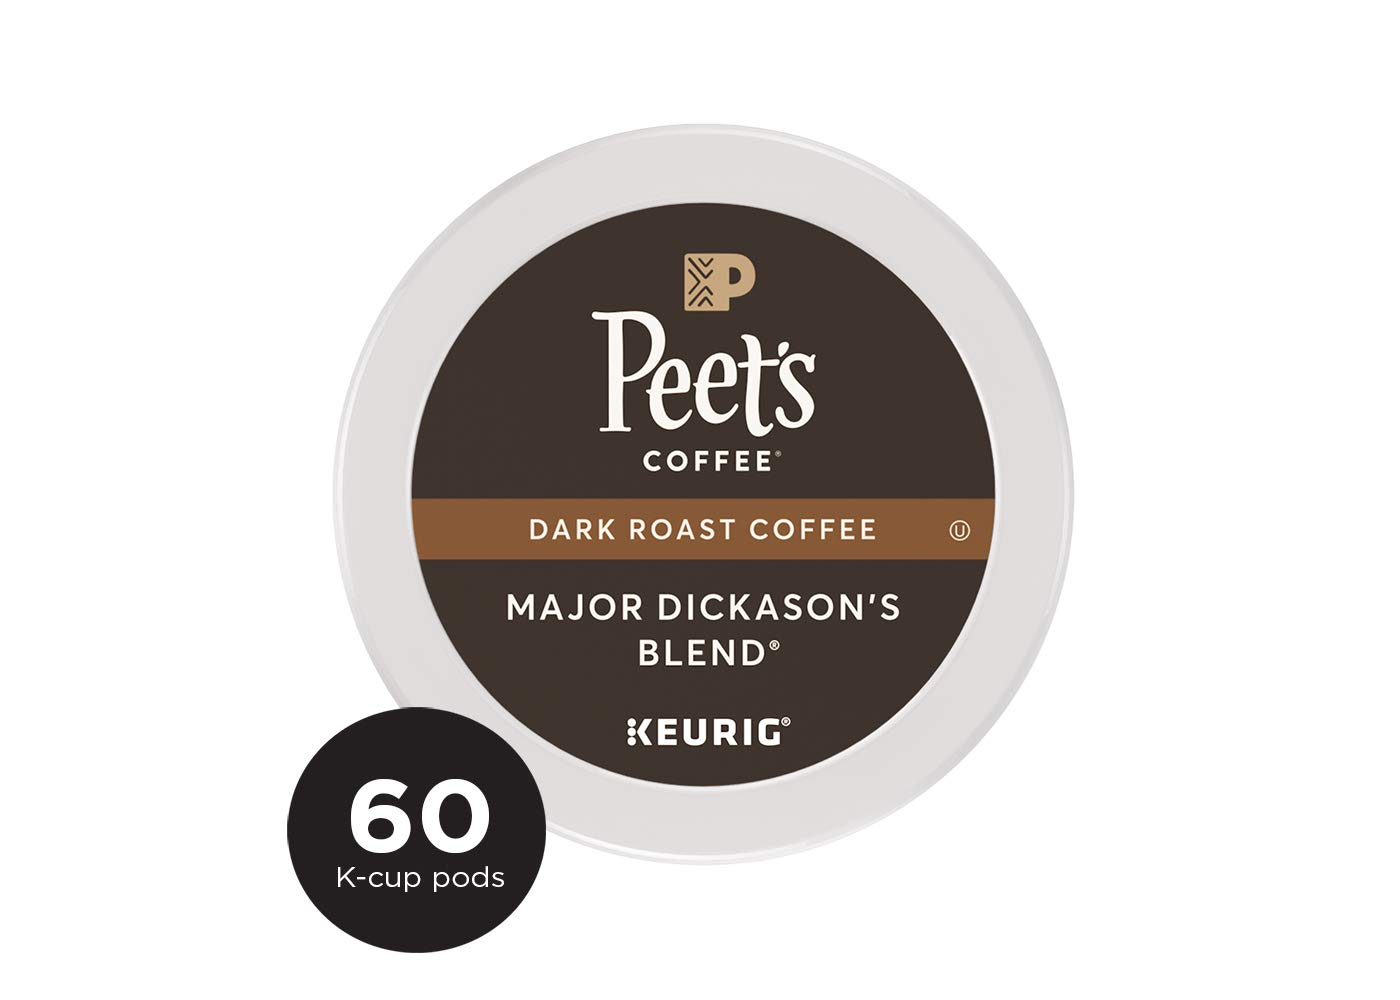 Peet's Coffee Major Dickason's Blend, Dark Roast, 60 Count Single Serve K-Cup Coffee Pods for Keurig Coffee Maker by Peet's Coffee